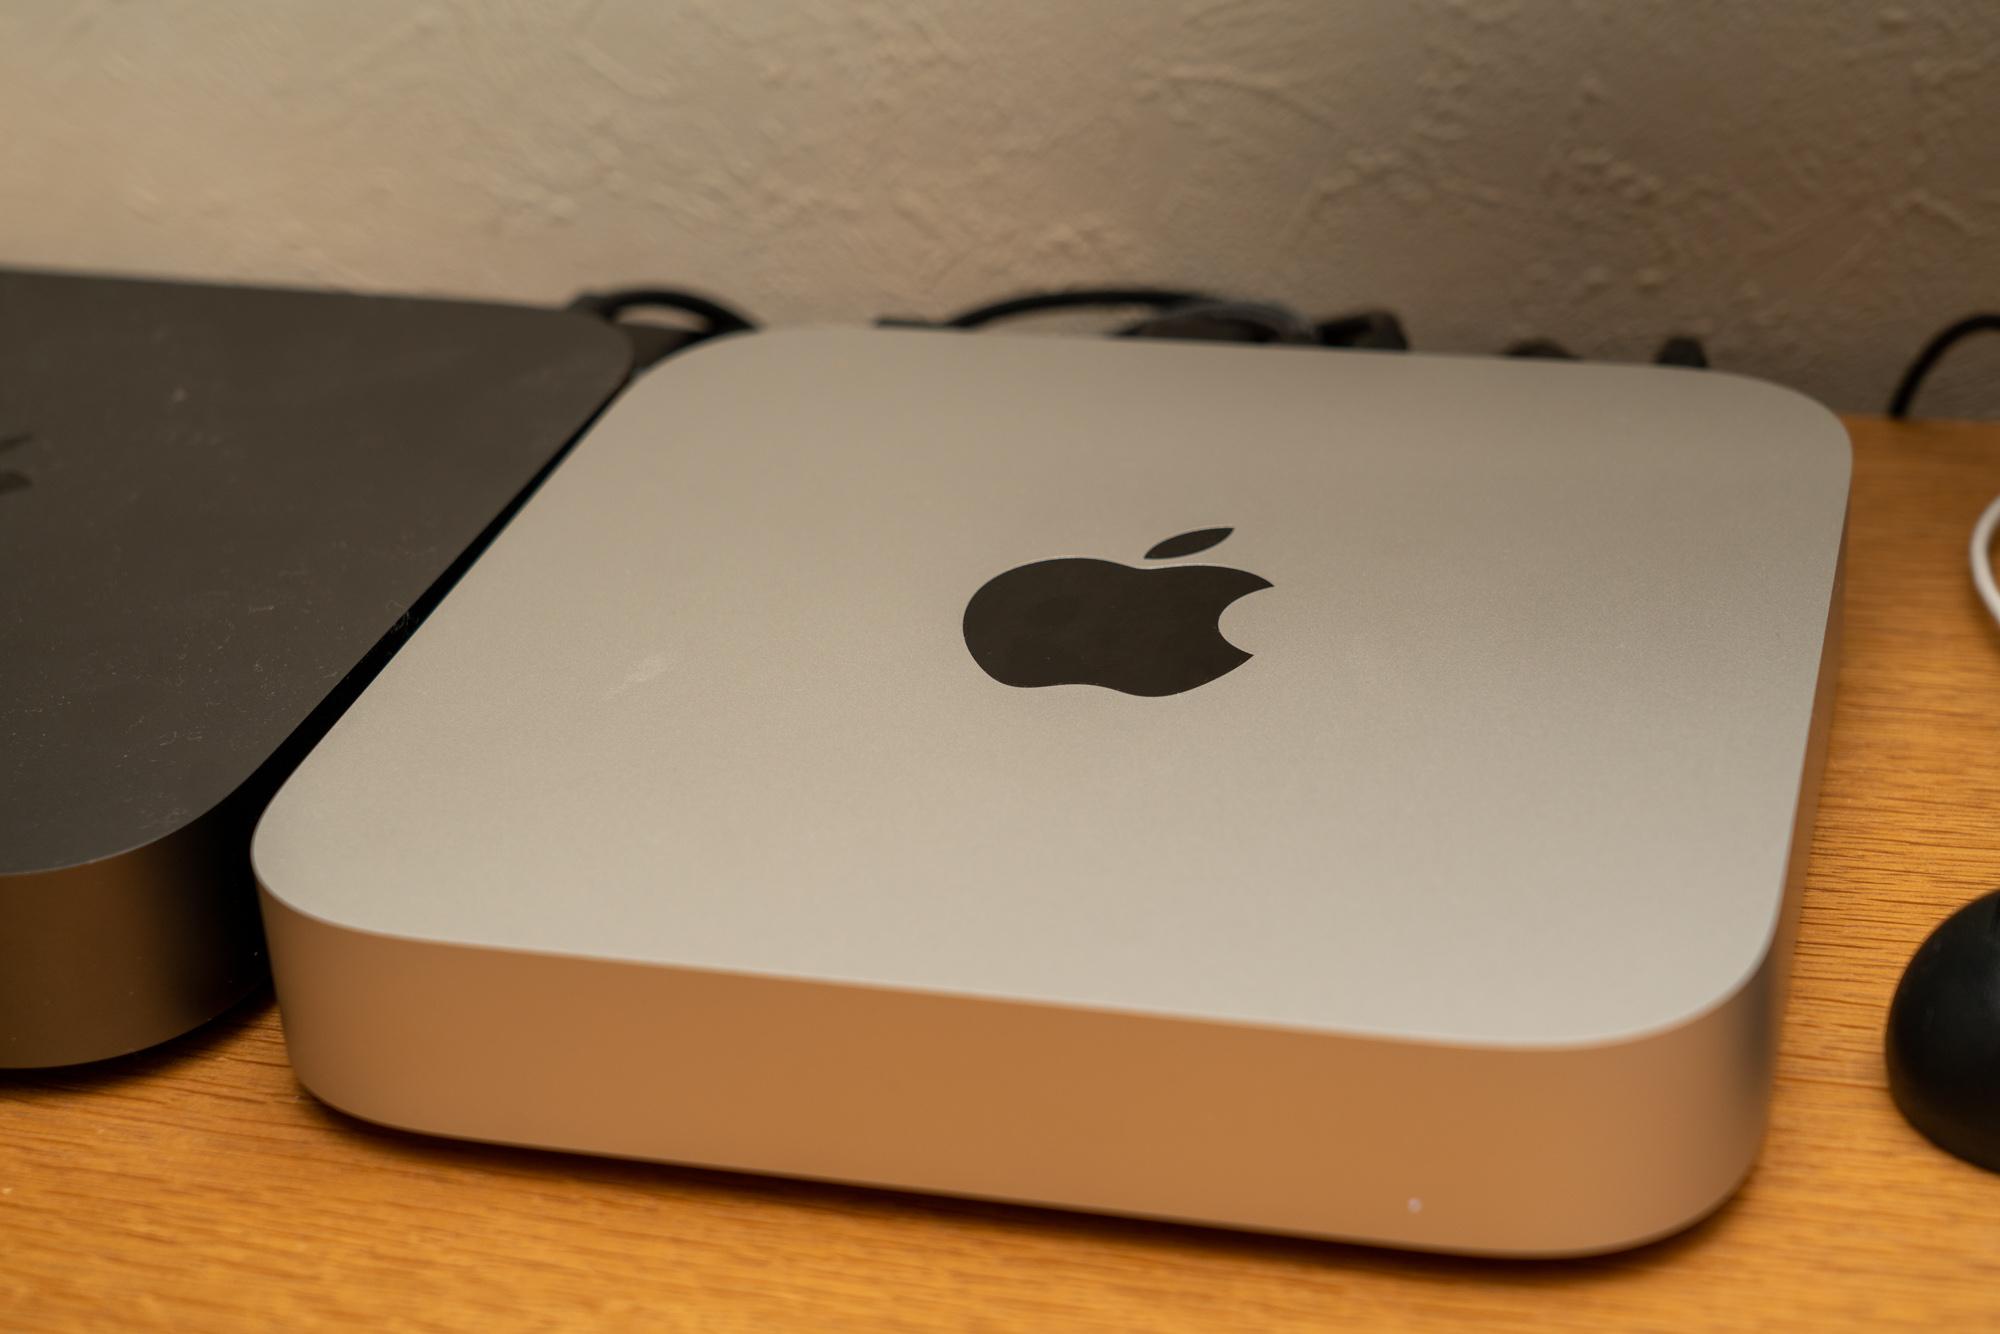 【レビュー】Apple Silicon搭載Mac mini M1を購入しました。Mac mini 2018年モデルとの比較など